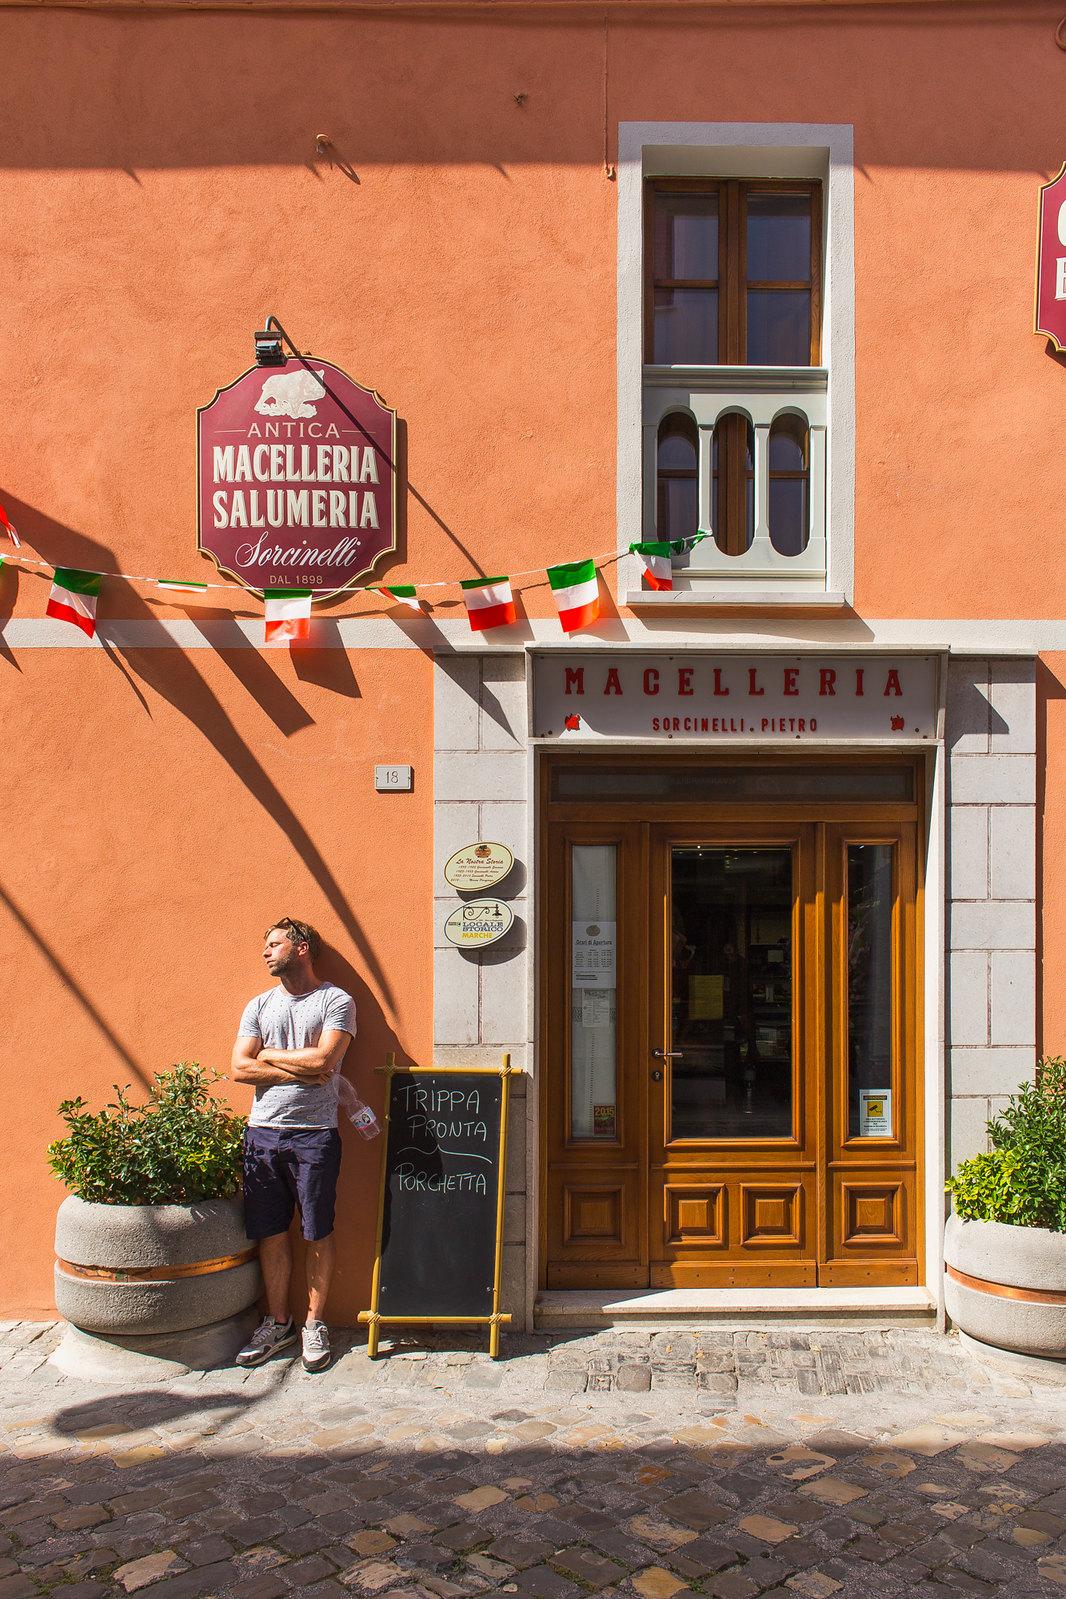 Italy – Sassoferrato